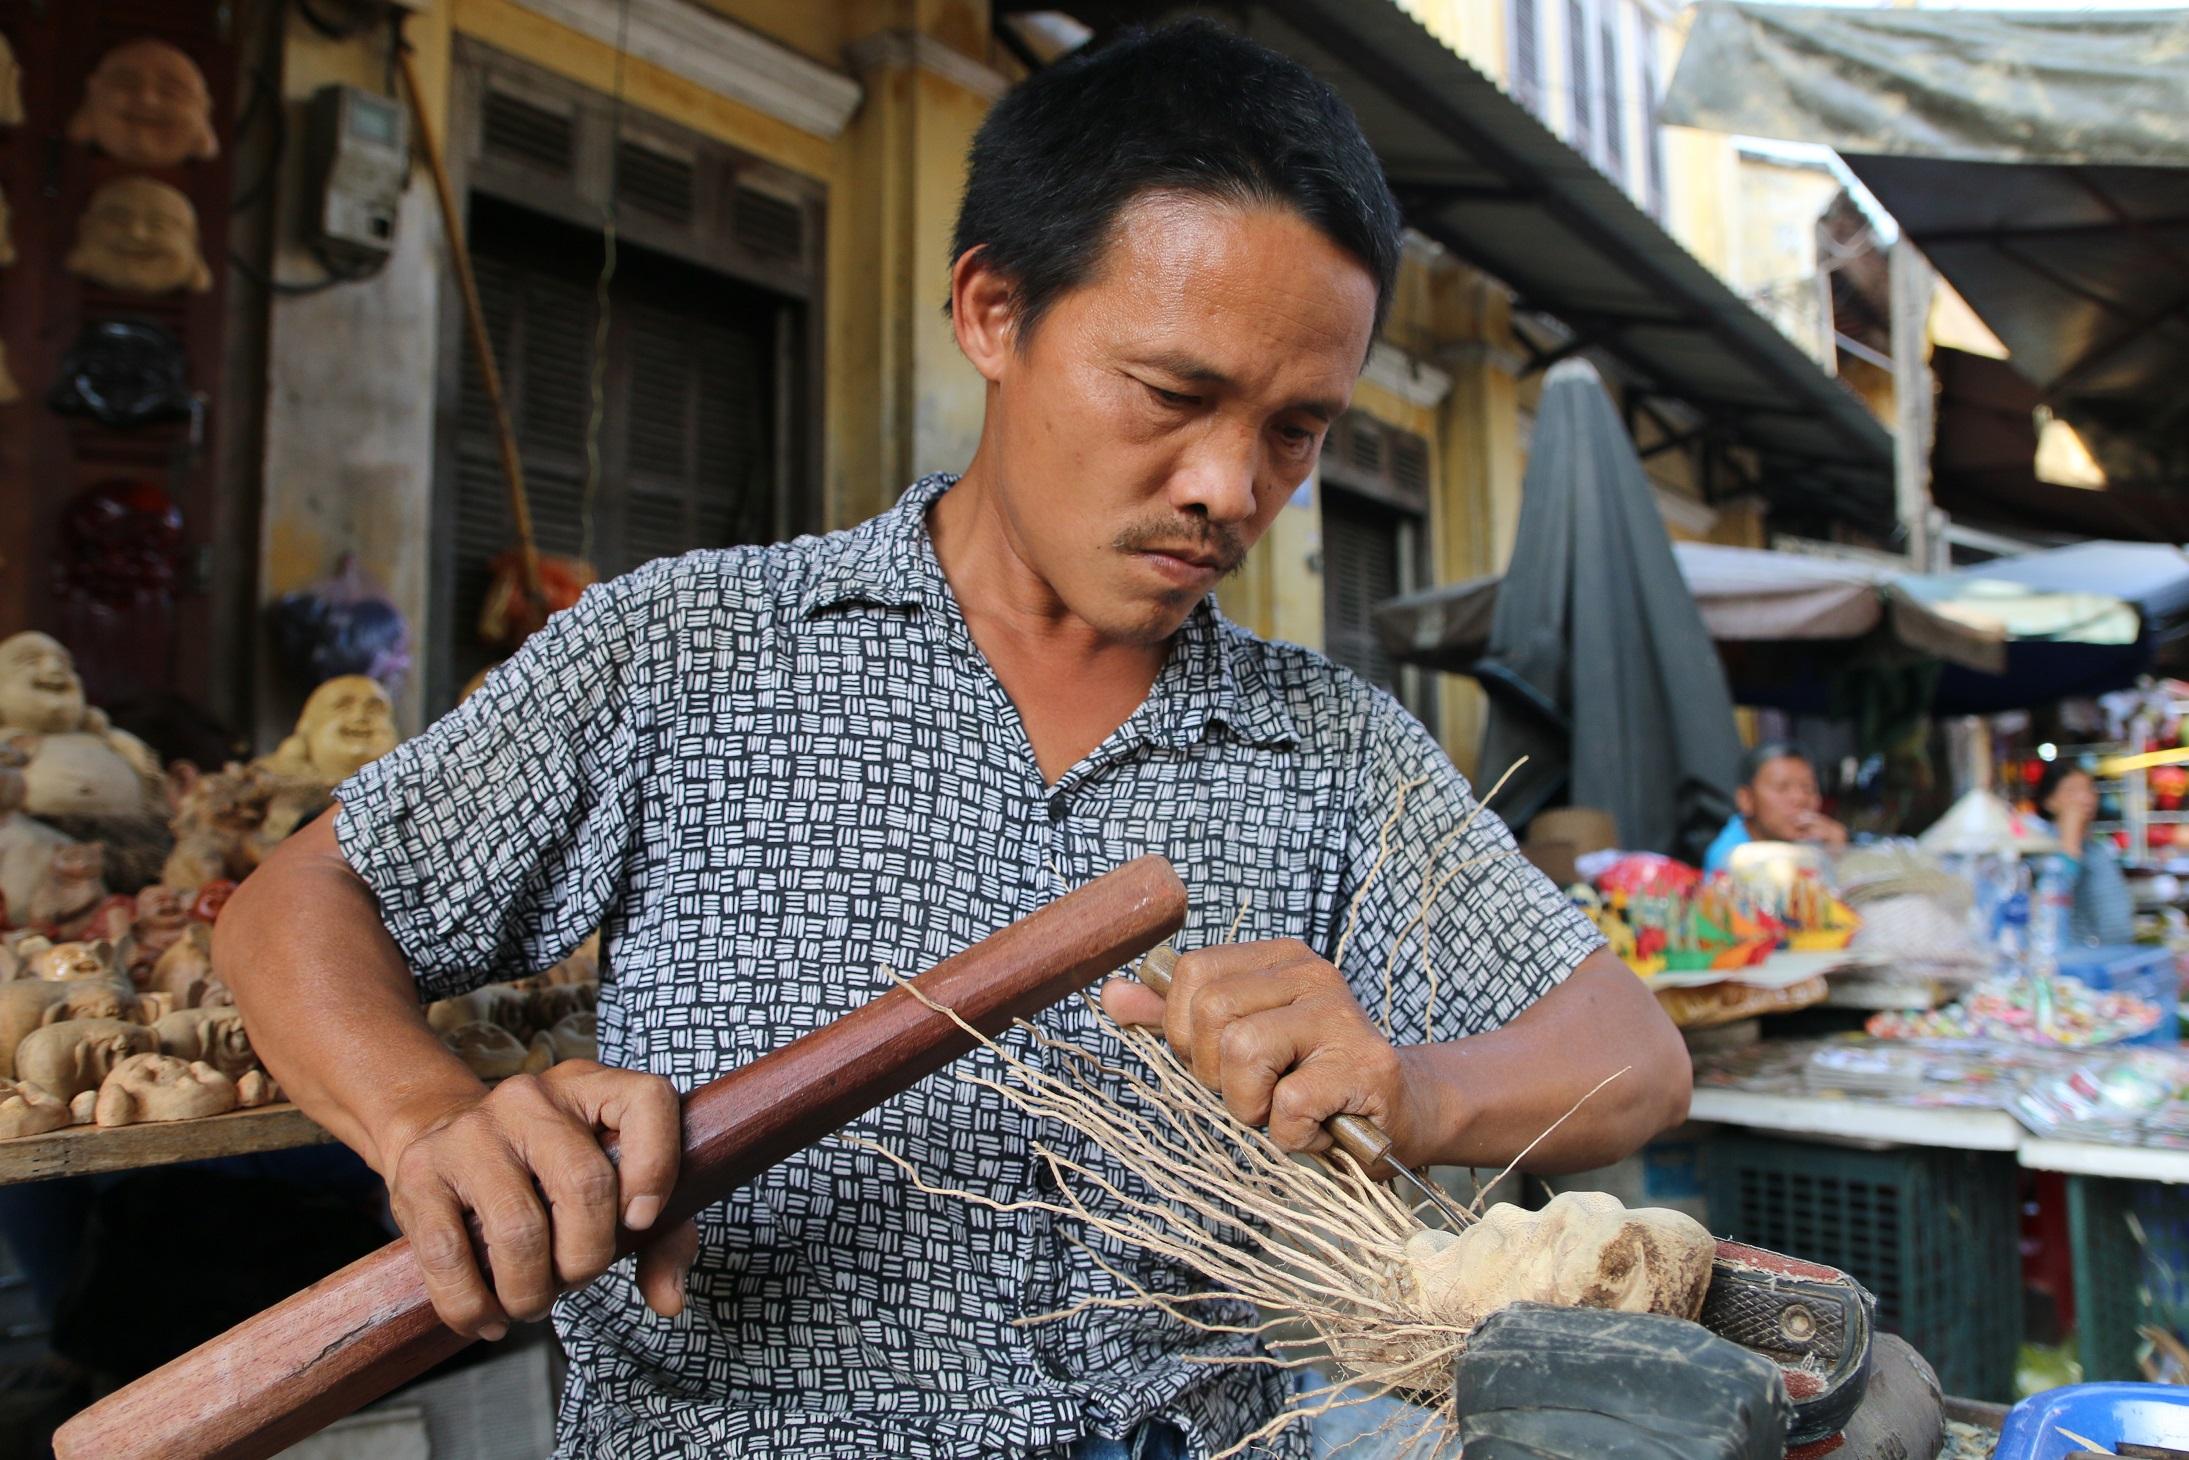 http://baocongthuong.com.vn/stores/news_dataimages/mt_xuanhoai/032018/25/13/da87d6395429dbae7dc662423947e31e_Anh_Do_goc_tre_1.jpg